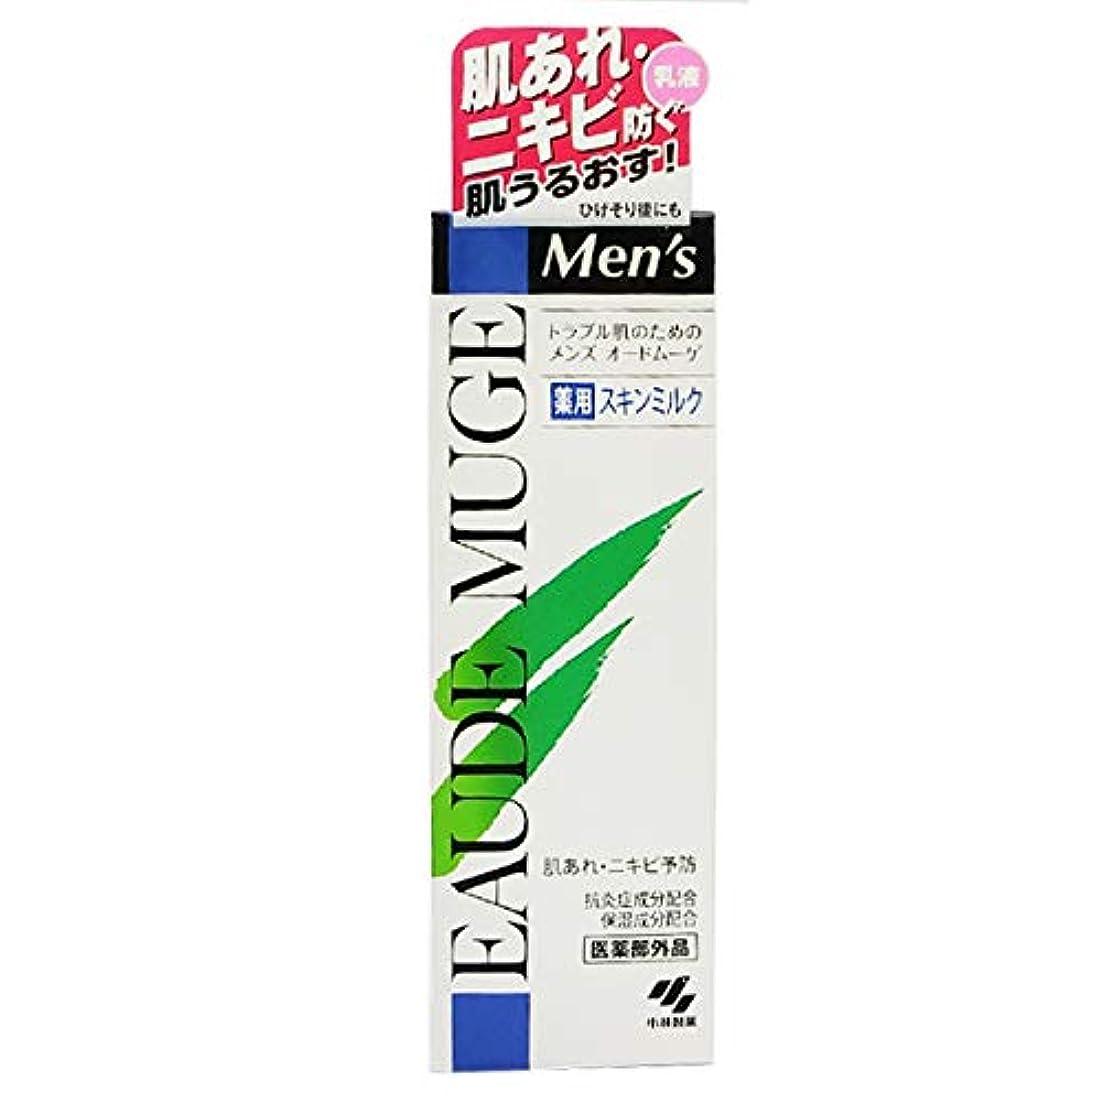 メンズ オードムーゲ 薬用スキンミルク